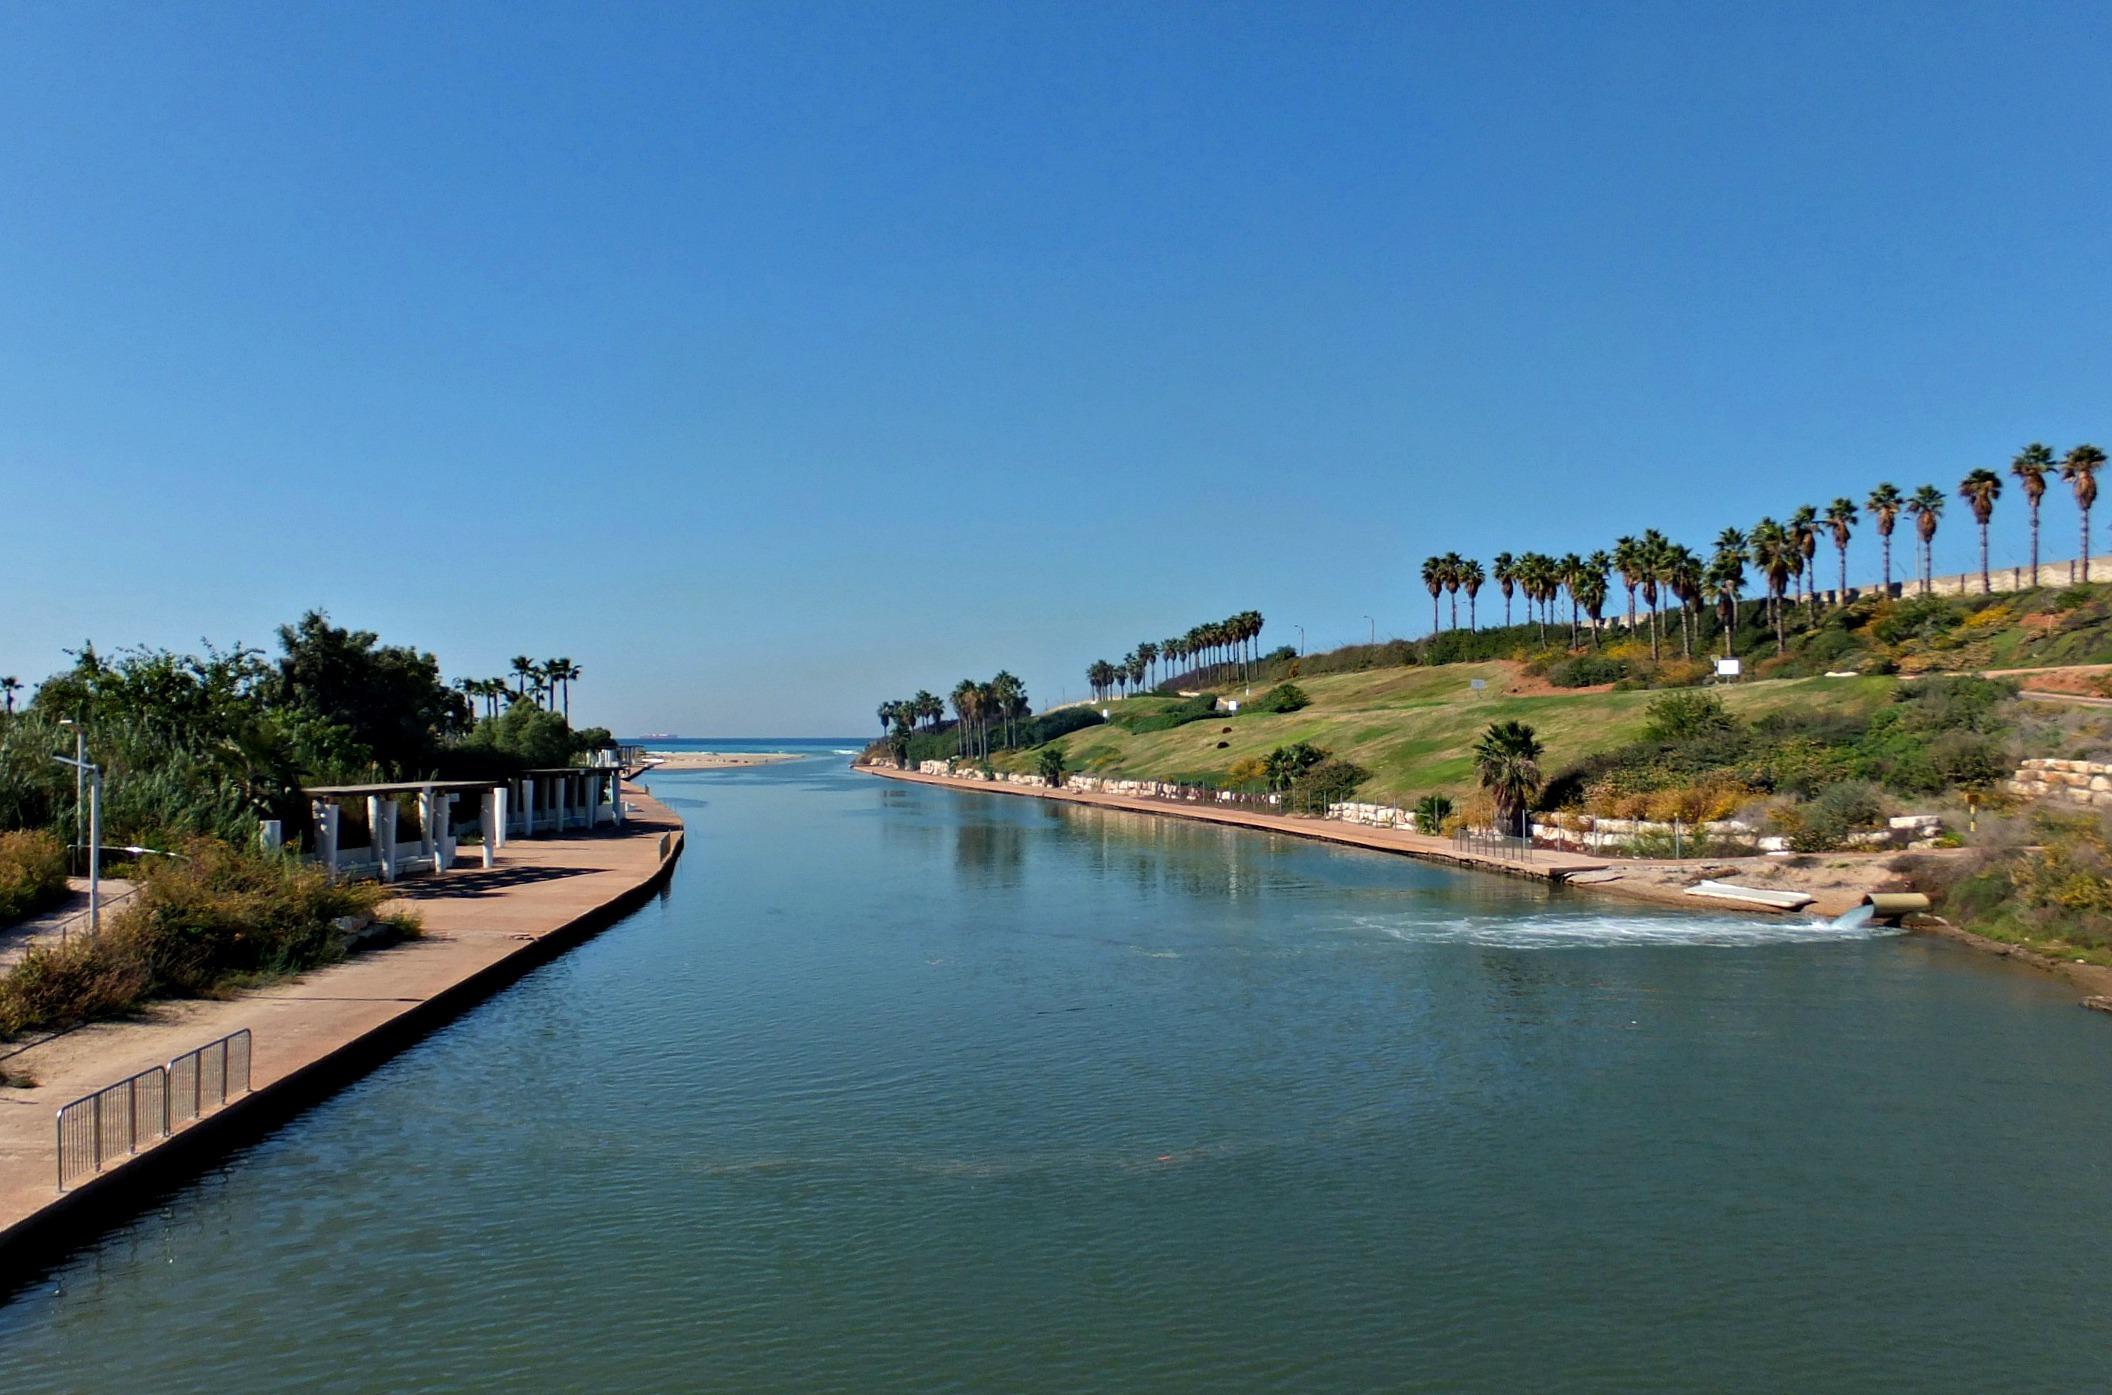 Устье реки Хадера в парке. Фото автора